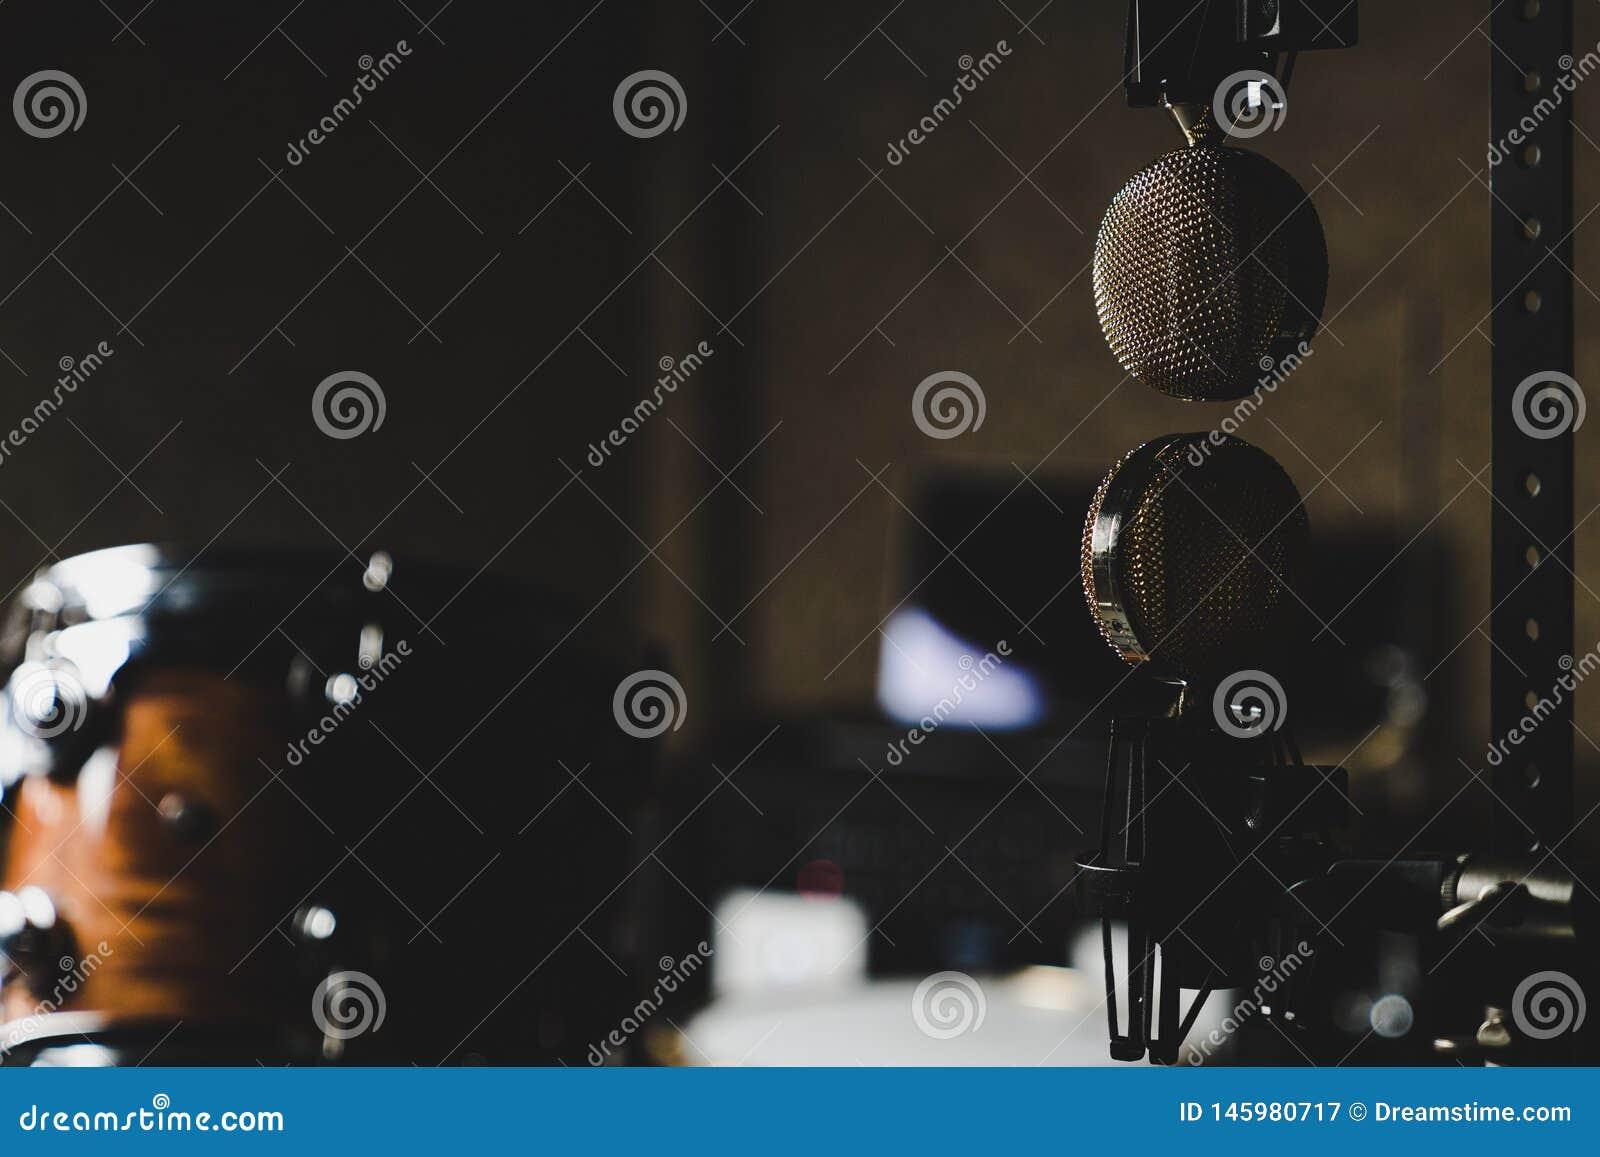 Microphones Upside Down